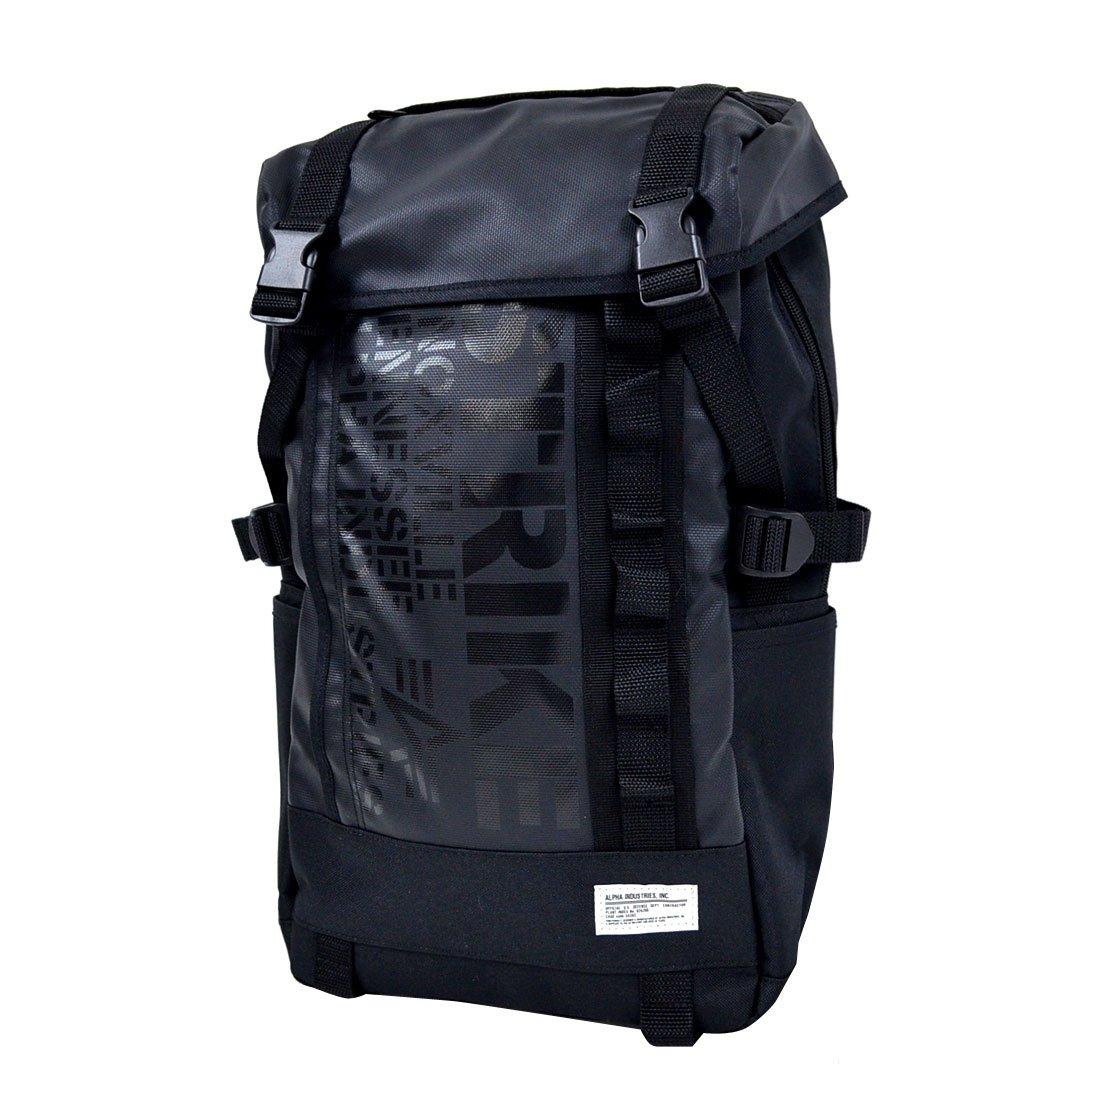 (アルファ インダストリーズ)ALPHA リュックサック メンズ レディース 0473200 フラップ デカリュック バックパック デイパック B00VJZUA82 ブラック ブラック